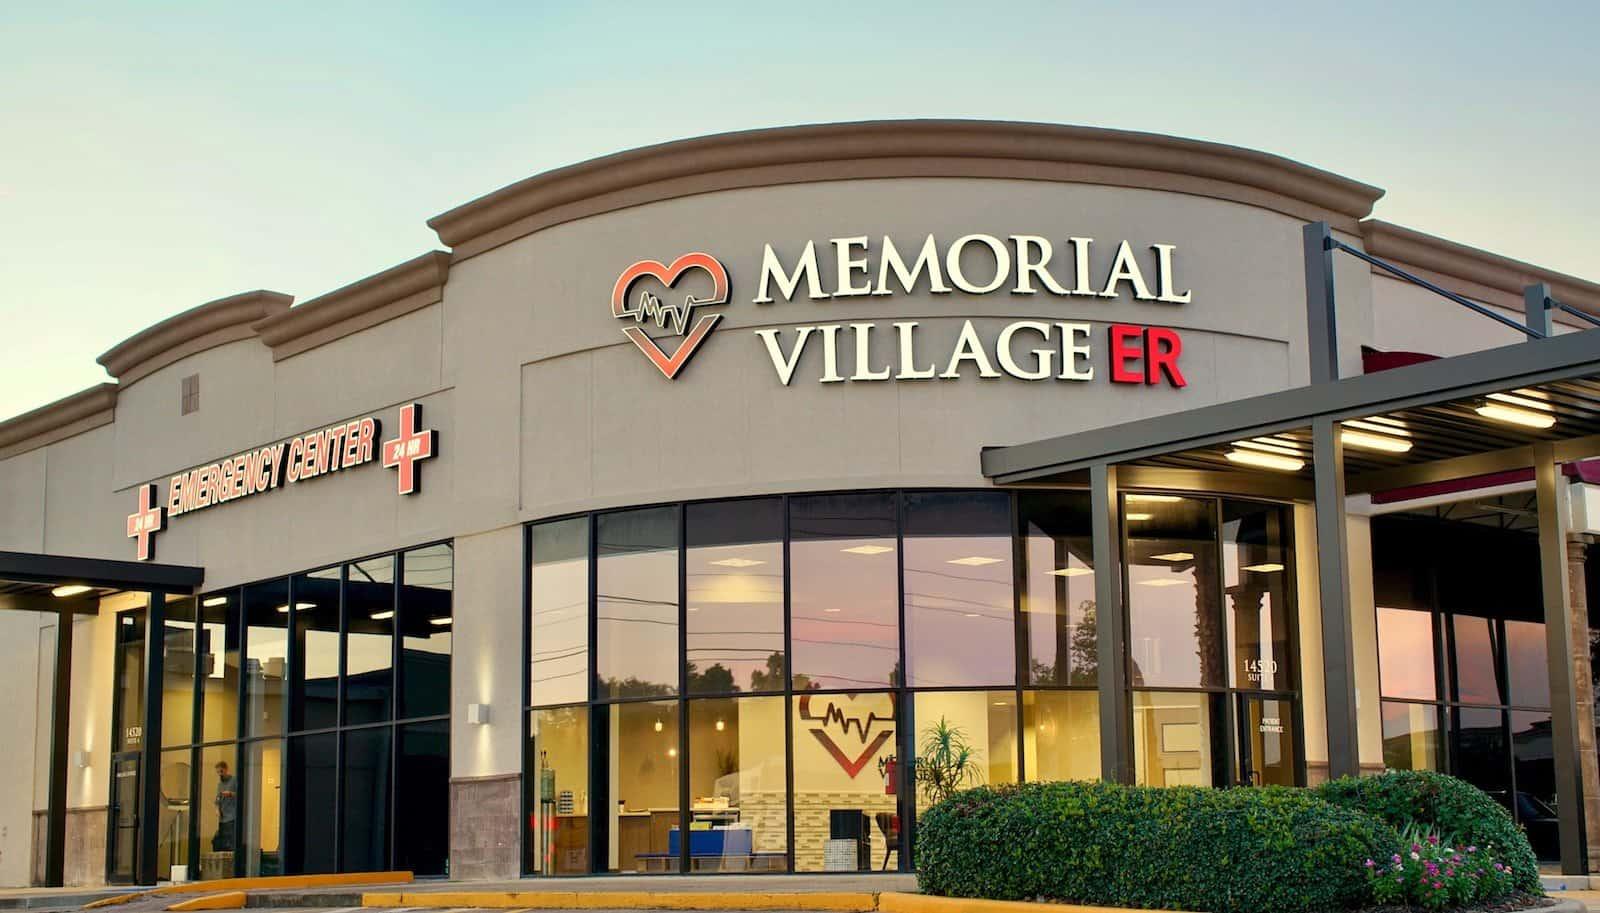 Memorial Village ER - Houston Emergency Room